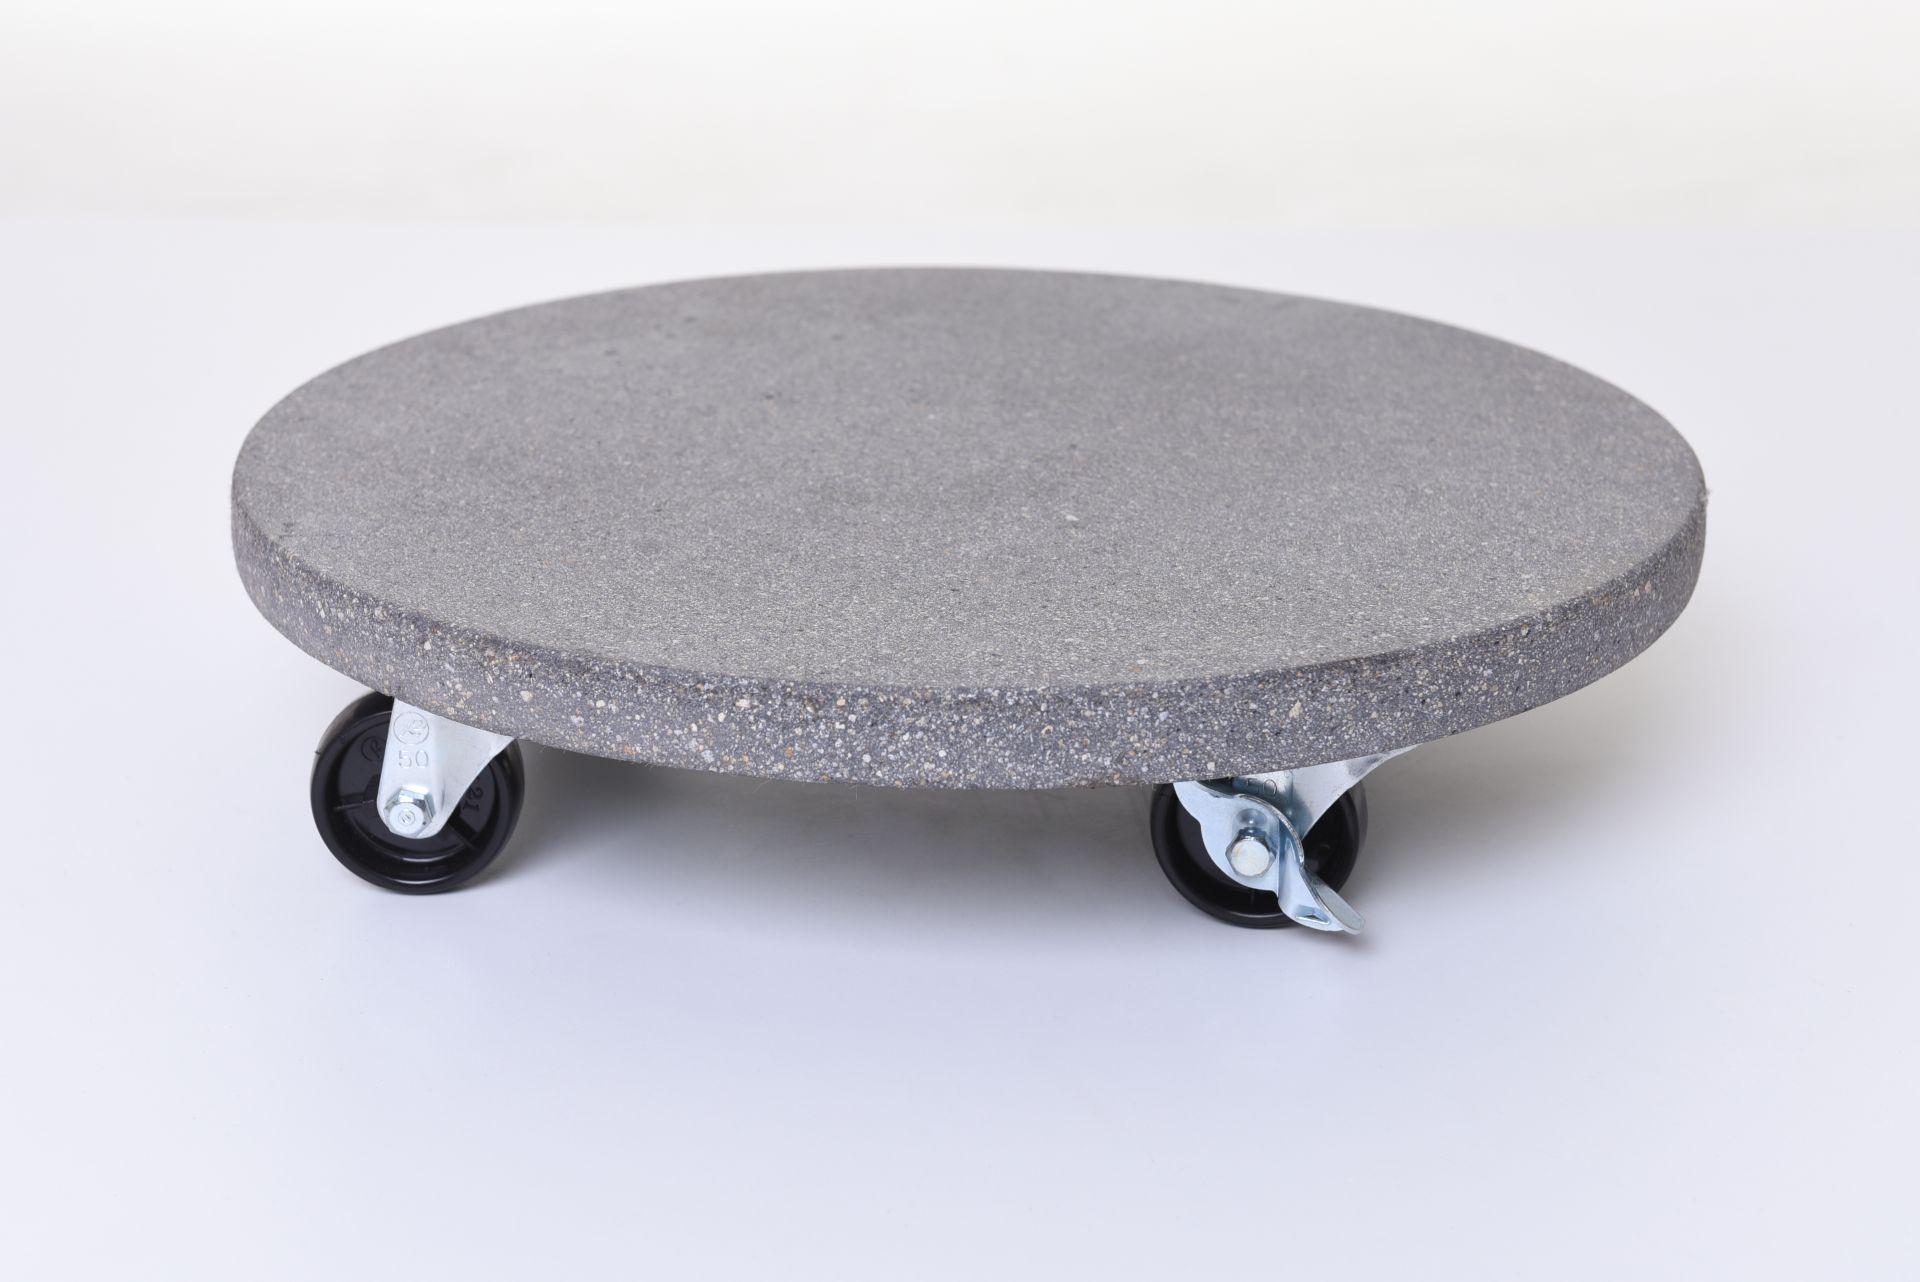 untersetzer mit rollen pflanzenroller rund kunststein movo 36 cm grau ebay. Black Bedroom Furniture Sets. Home Design Ideas